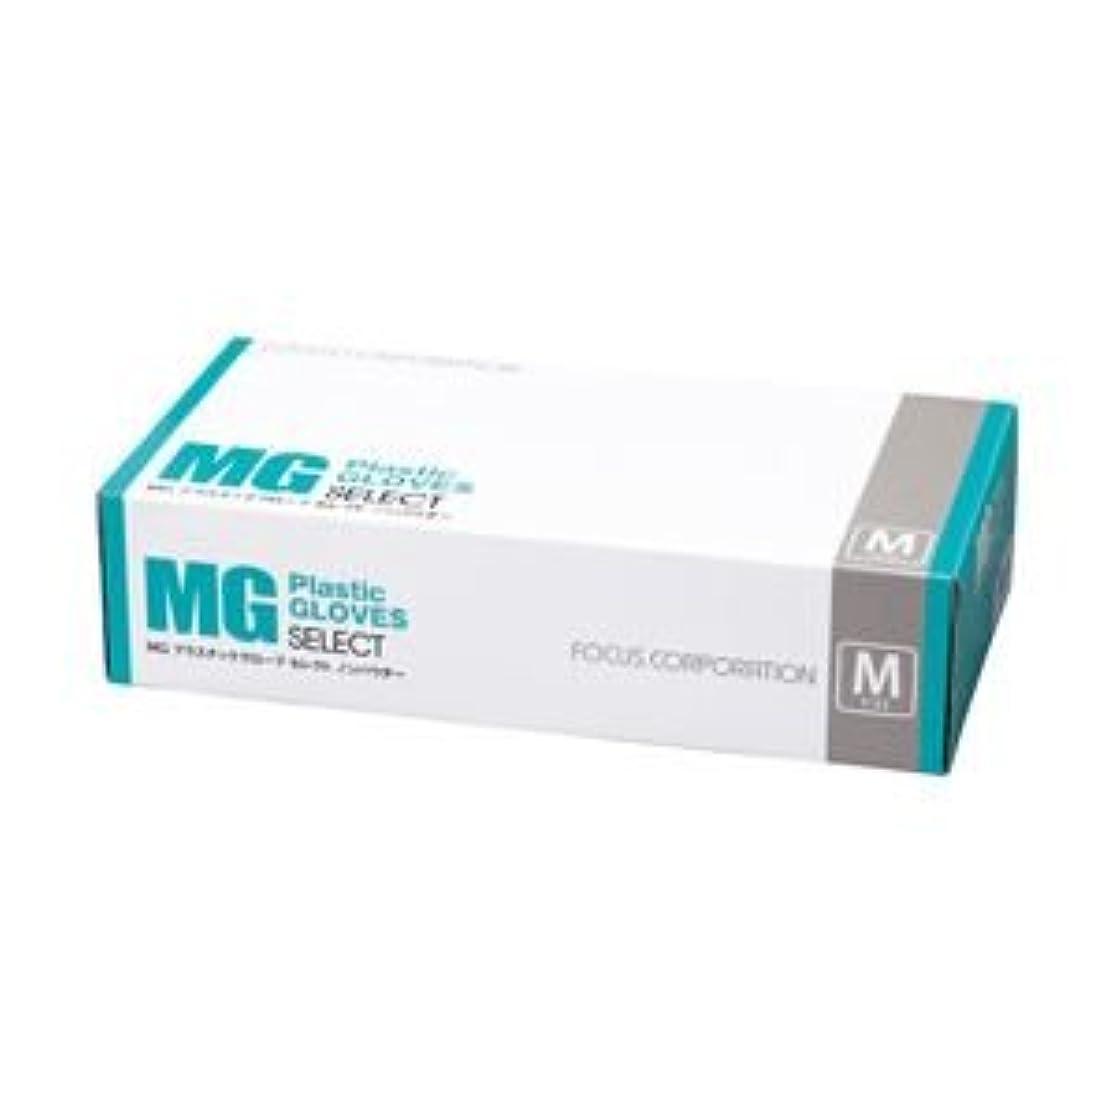 ぼかすロマンス人類フォーカス (業務用セット) MGプラスチックグローブSELECT 粉なし 半透明 1箱(100枚) Mサイズ (×10セット)